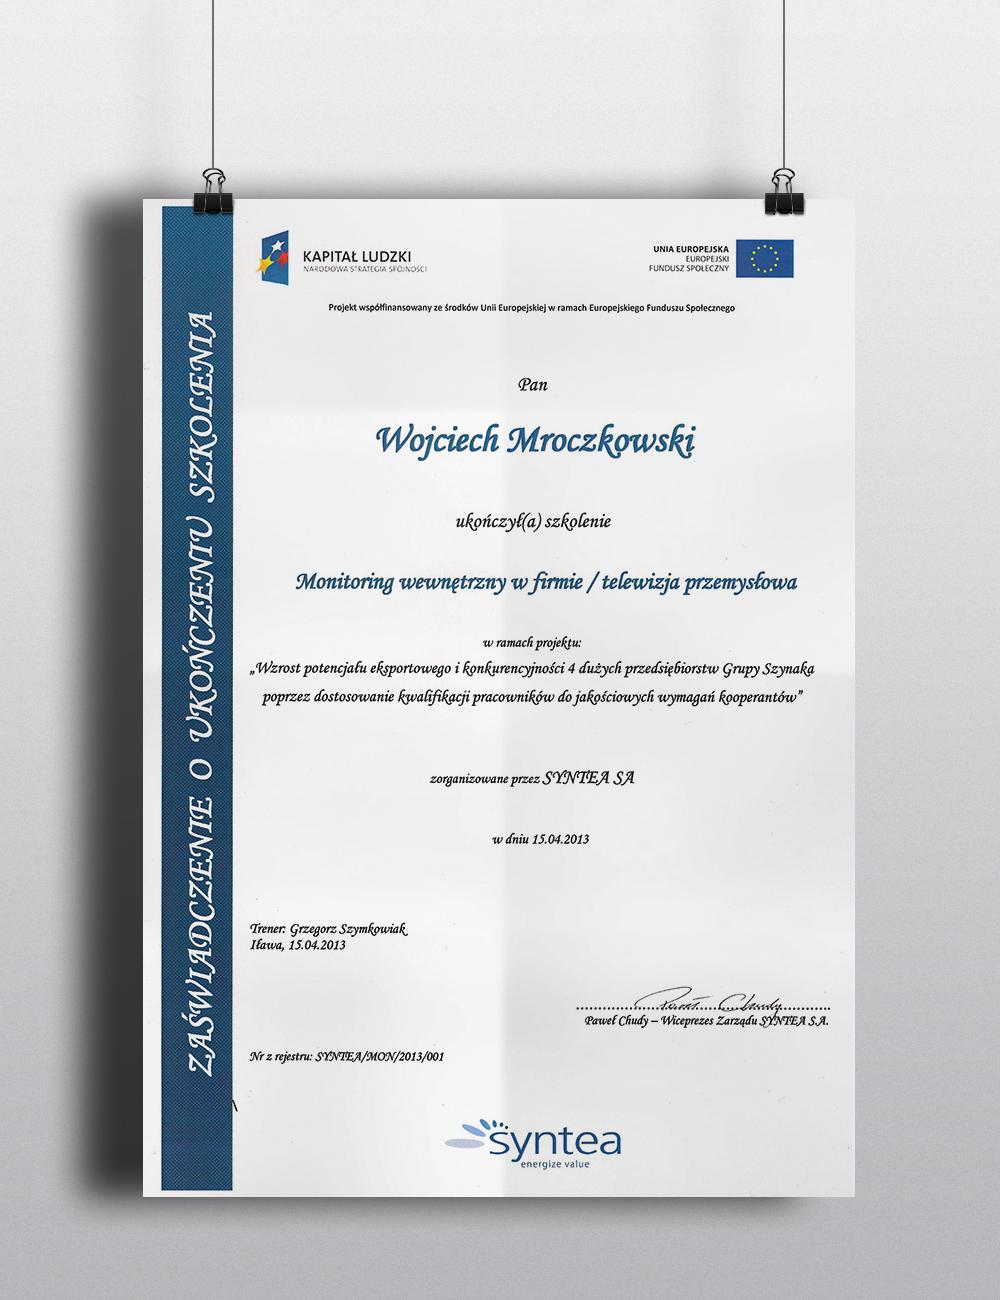 Monitoring wewnętrzny w firmie / telewizja przemysłowa - 15.04.2013 str. 1